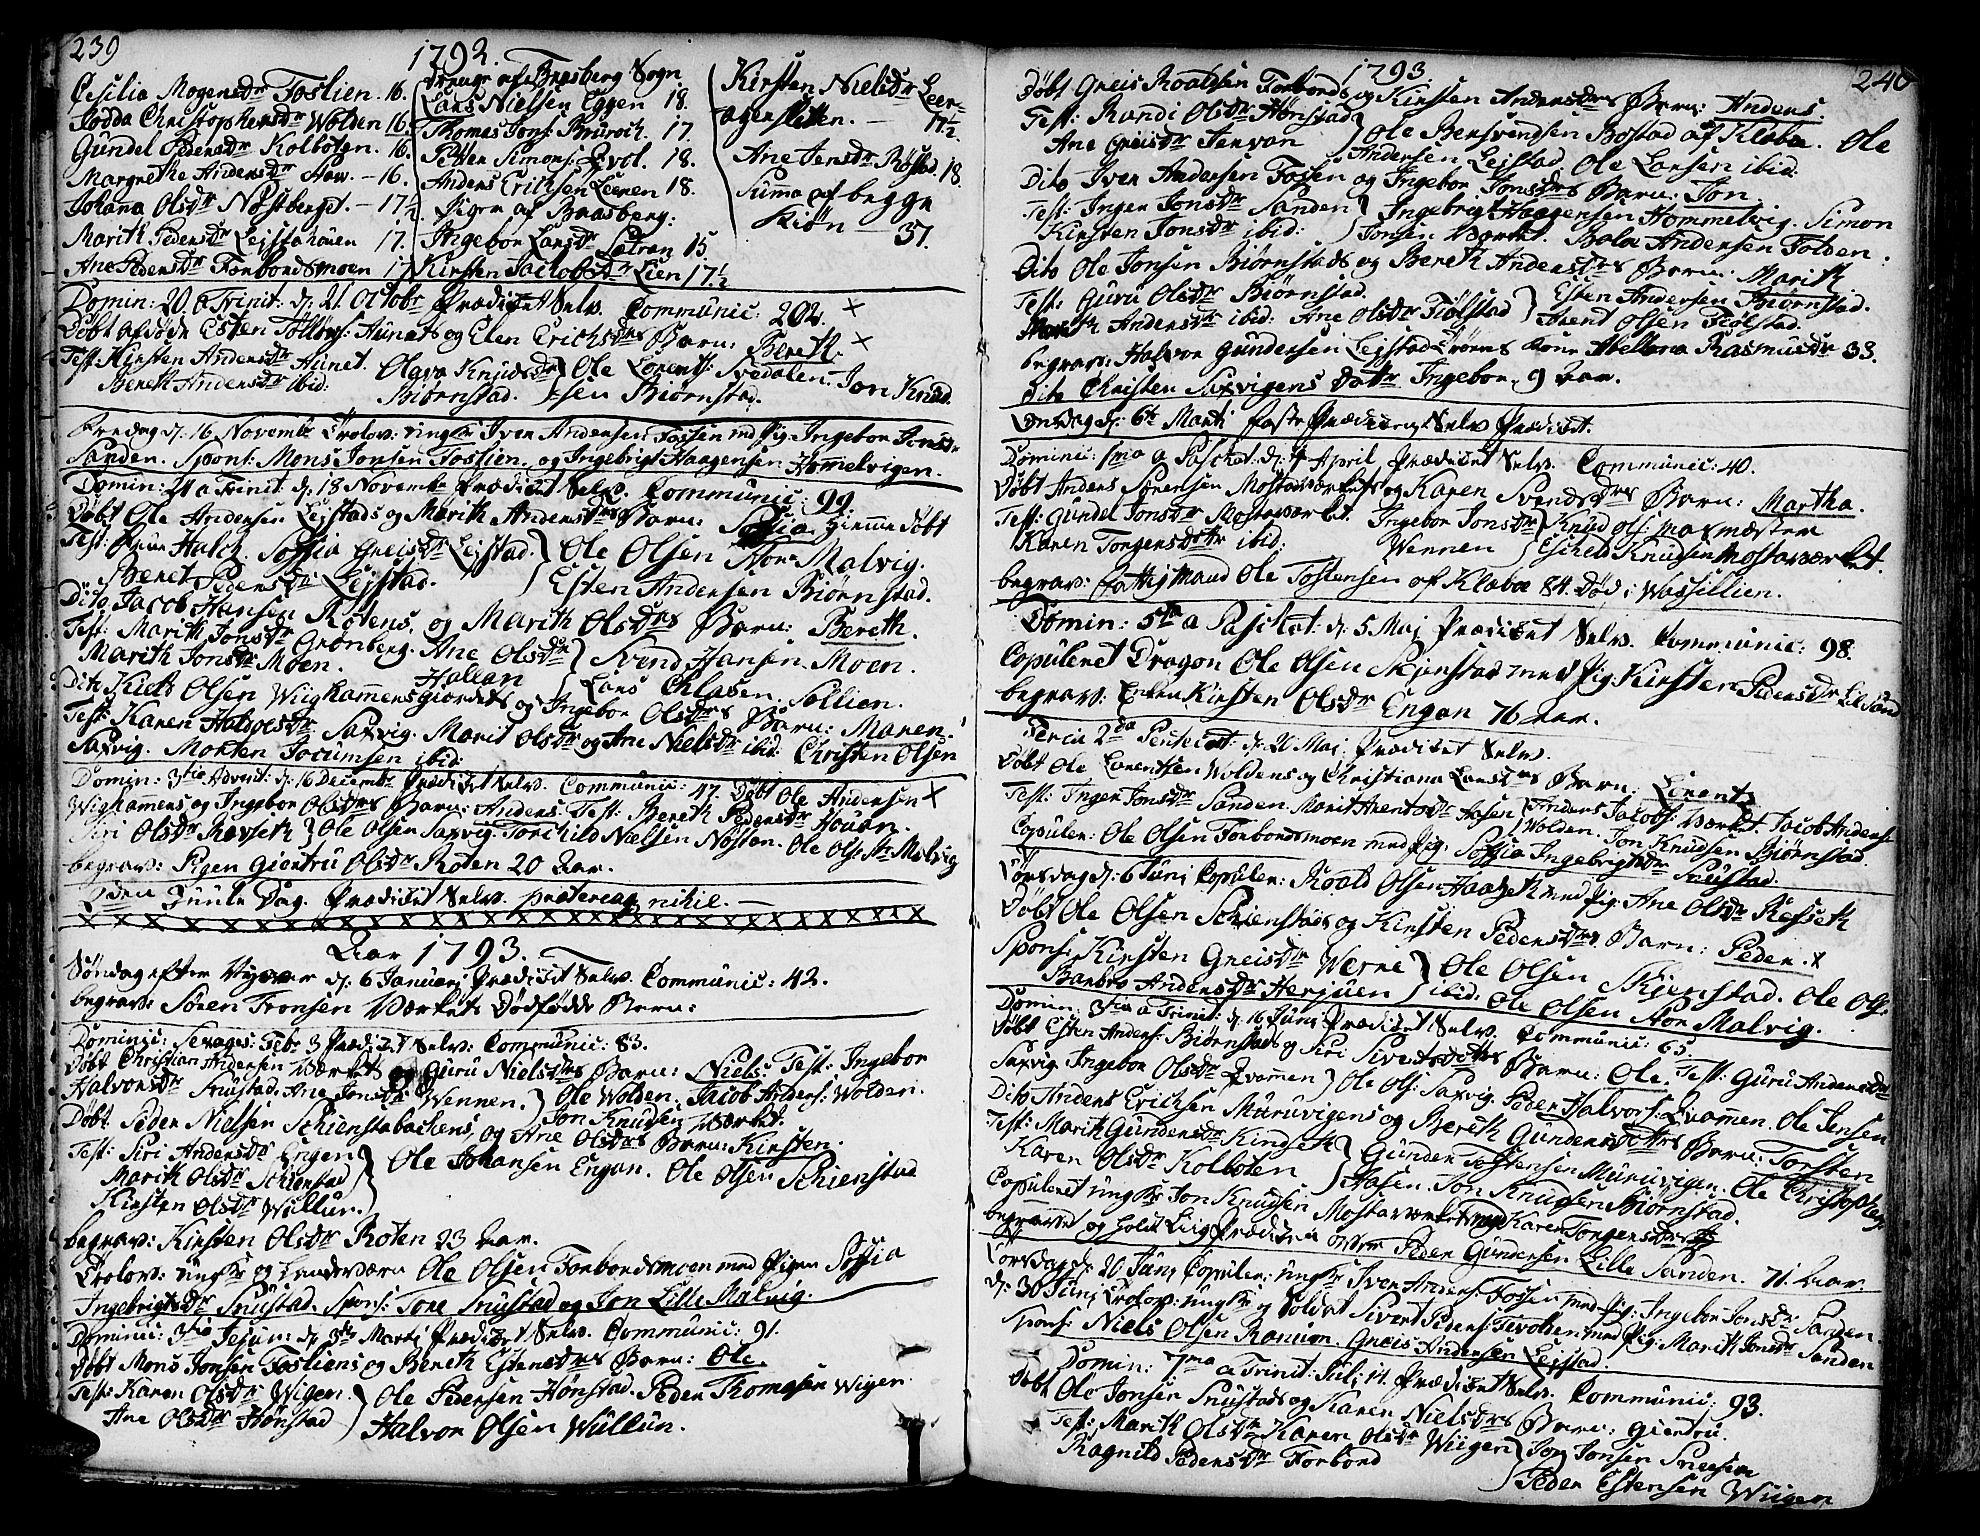 SAT, Ministerialprotokoller, klokkerbøker og fødselsregistre - Sør-Trøndelag, 606/L0281: Ministerialbok nr. 606A02 /2, 1781-1817, s. 239-240